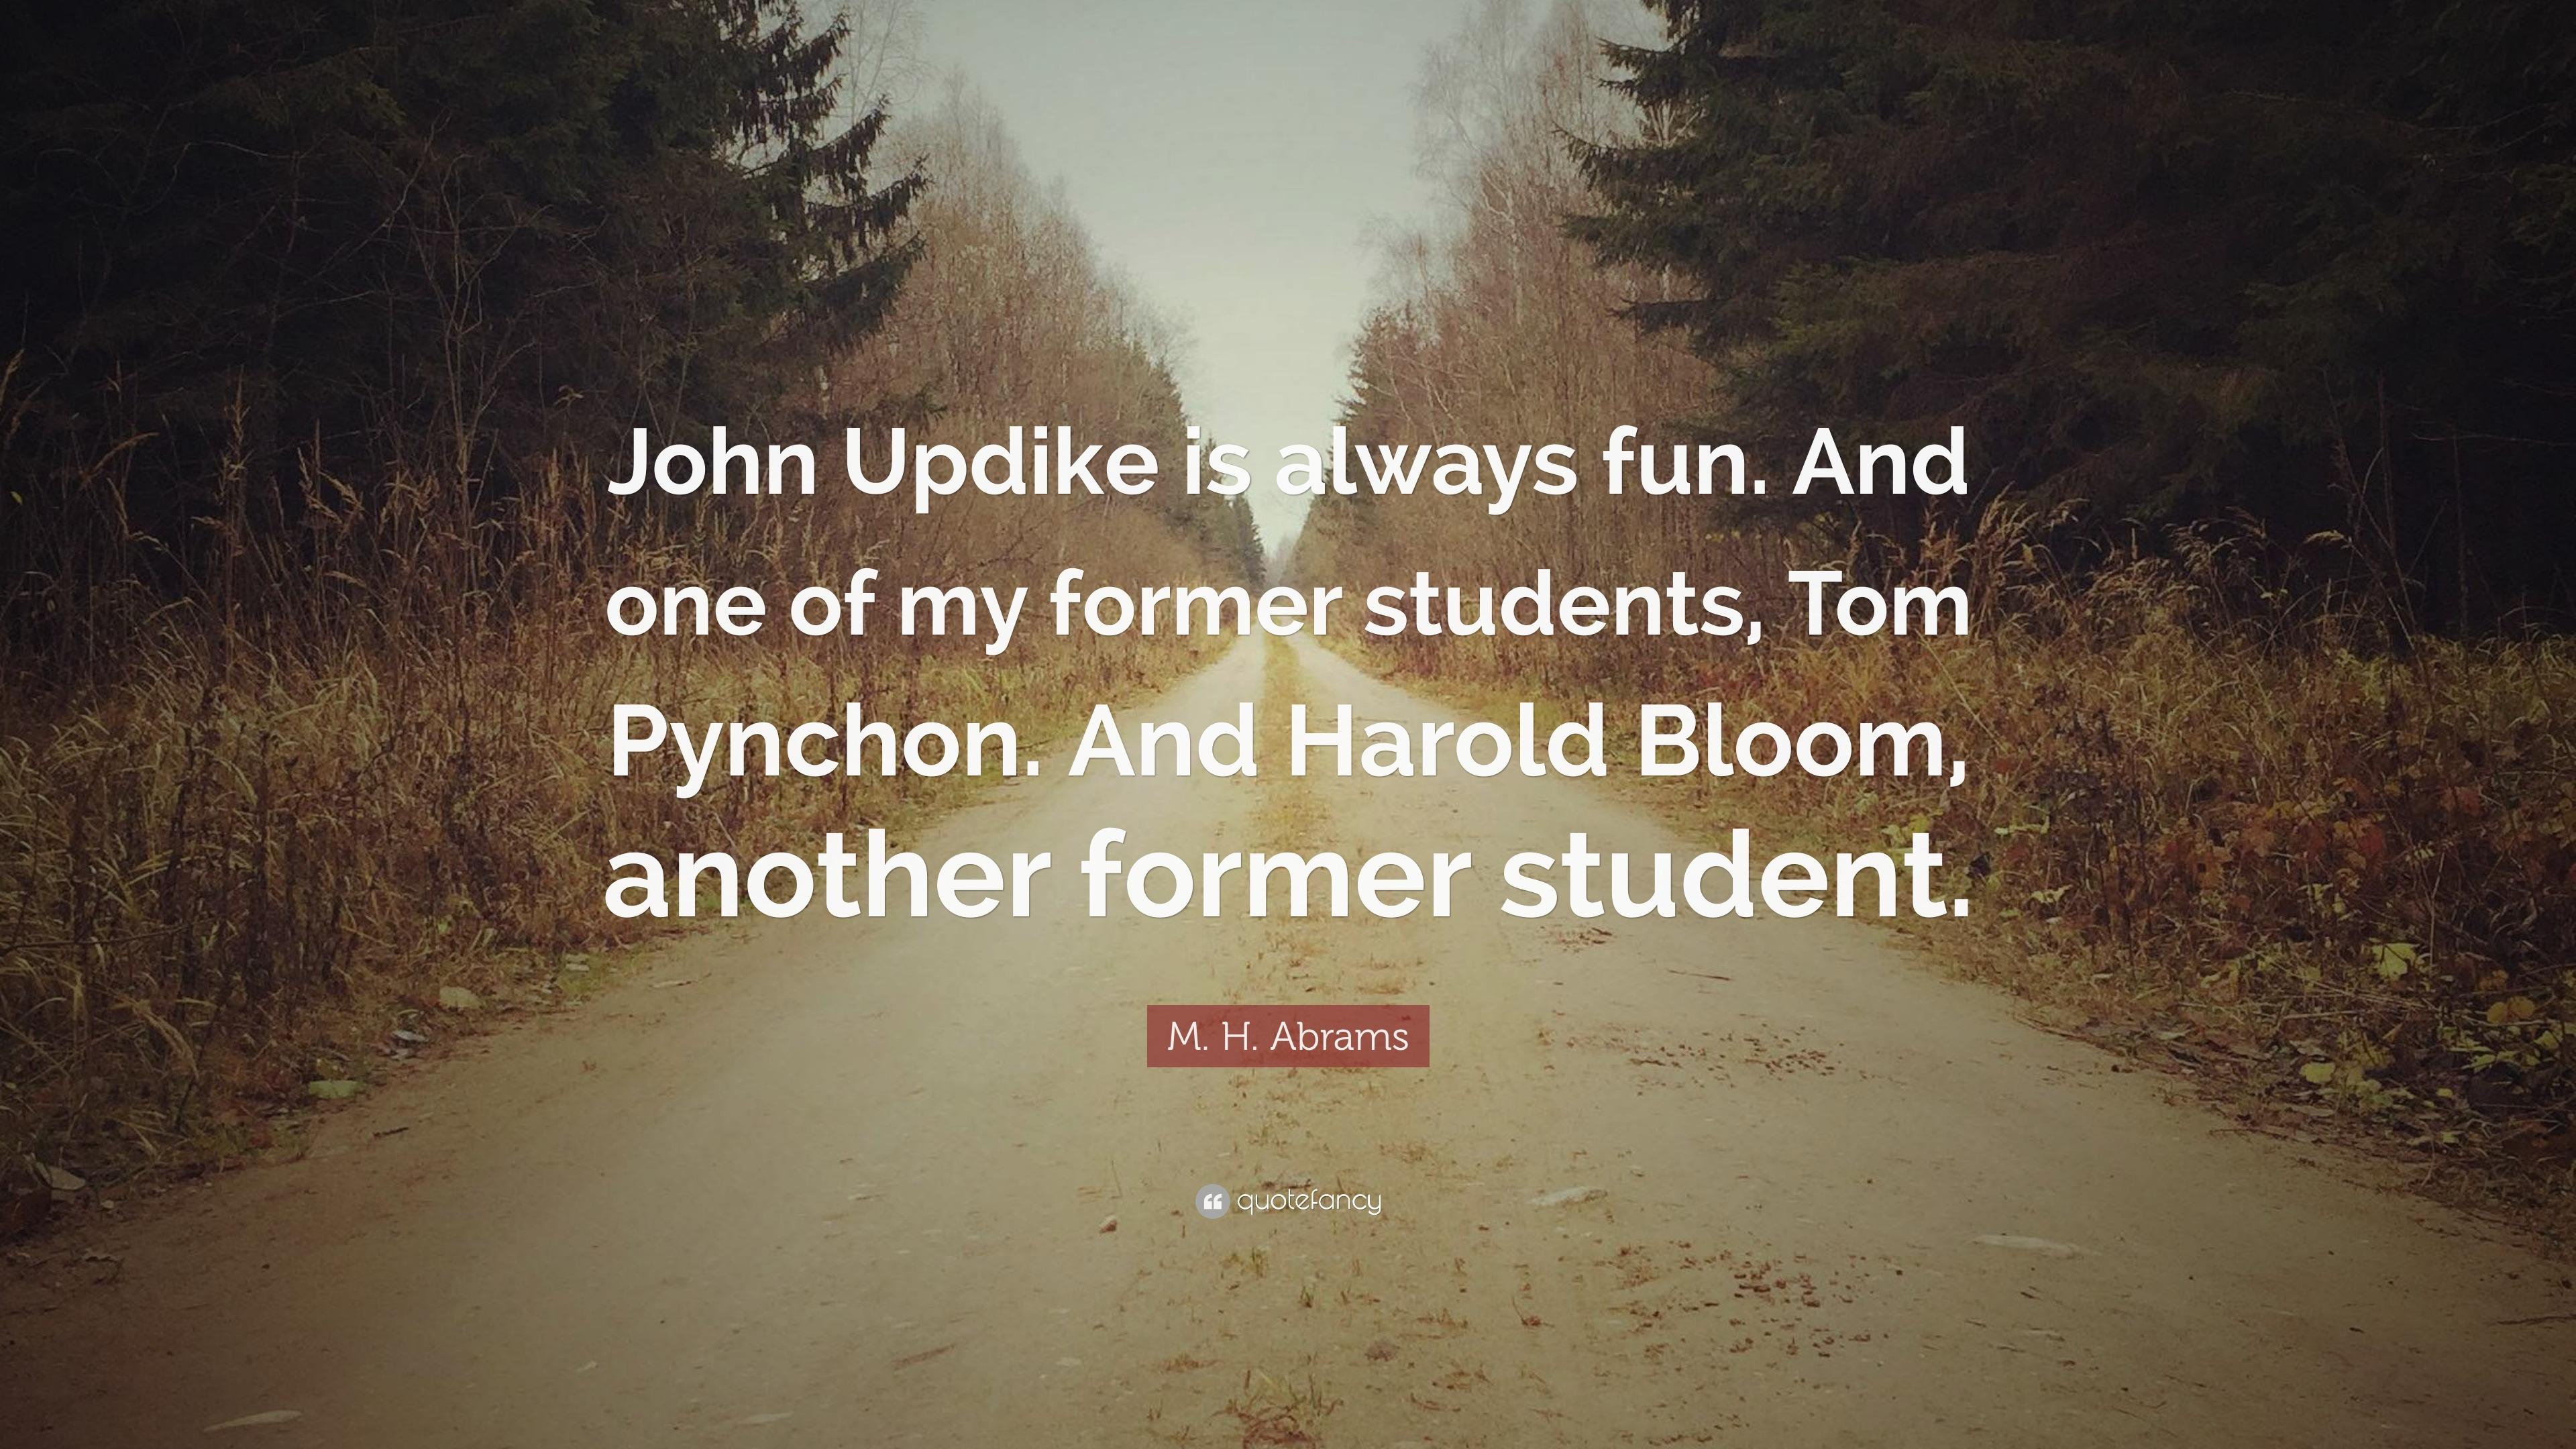 thomas pynchon bloom harold